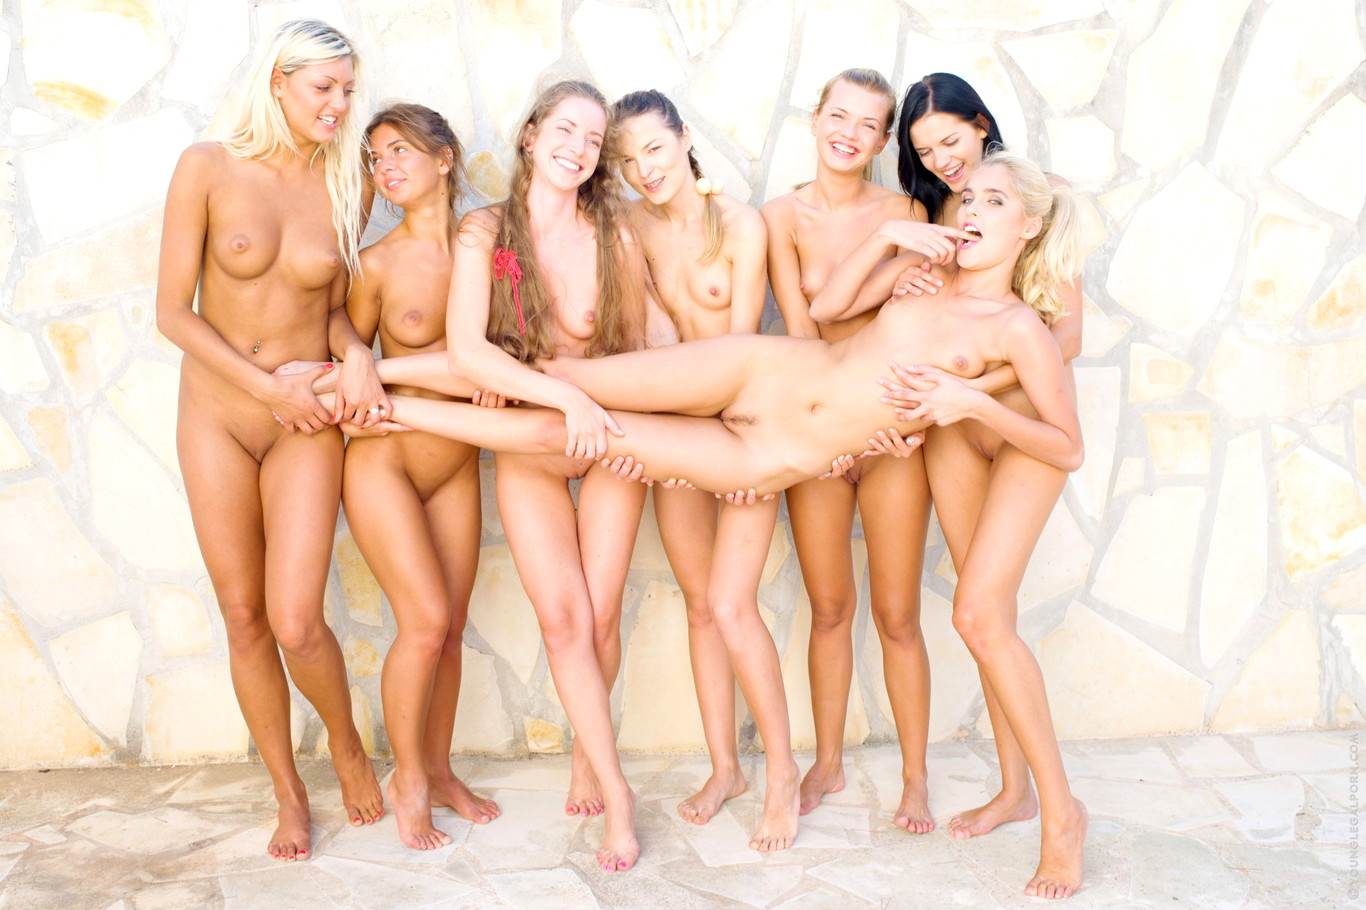 Babe Today 18 Samo dekleta Ivana Fukalot Sasha Blonde Stasha-6906